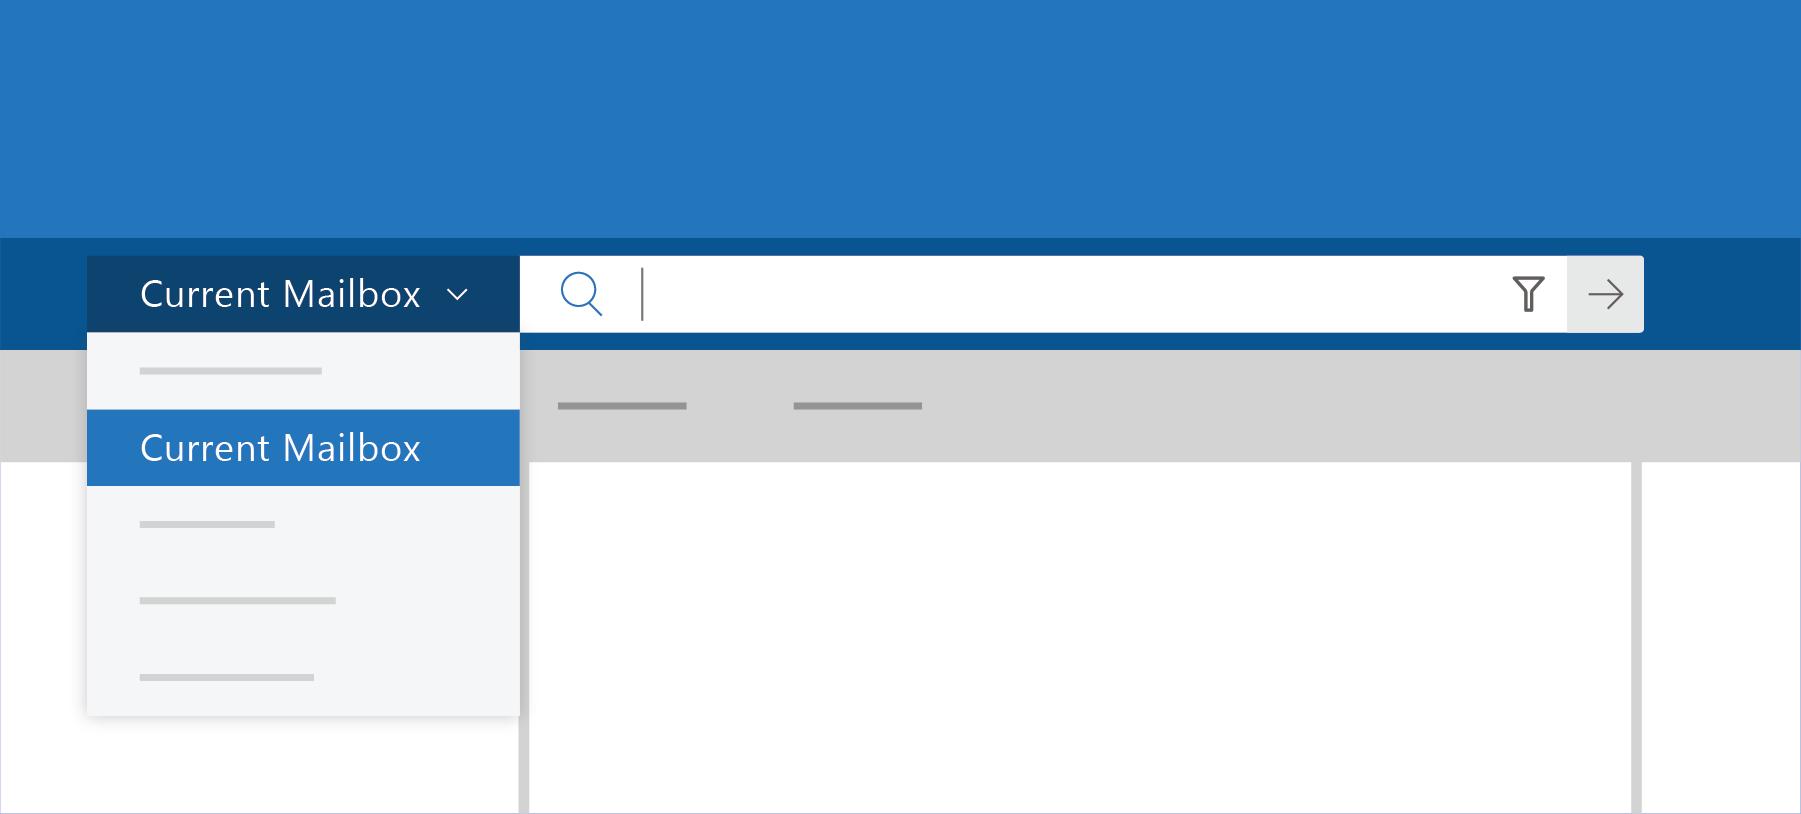 Tiek rādīta meklēšana programmā Outlook